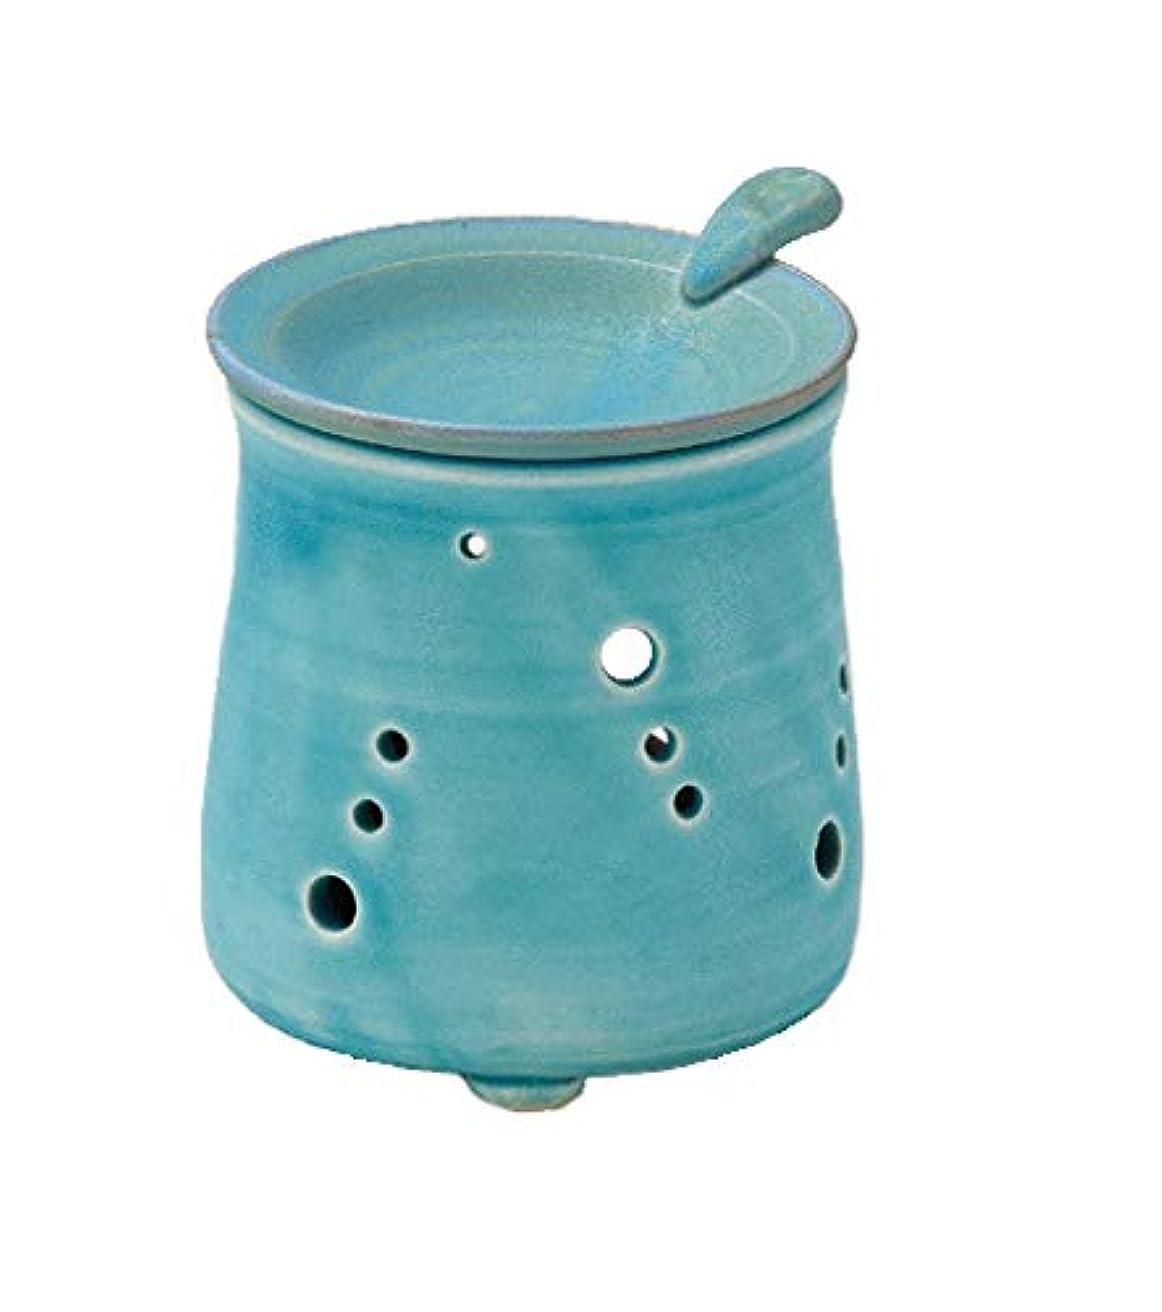 アイロニー香ばしいクランシーヤマキイカイ(Yamakiikai) 置物 ブルー 径9.5cm 山田トルコブルー 茶香炉 L1616